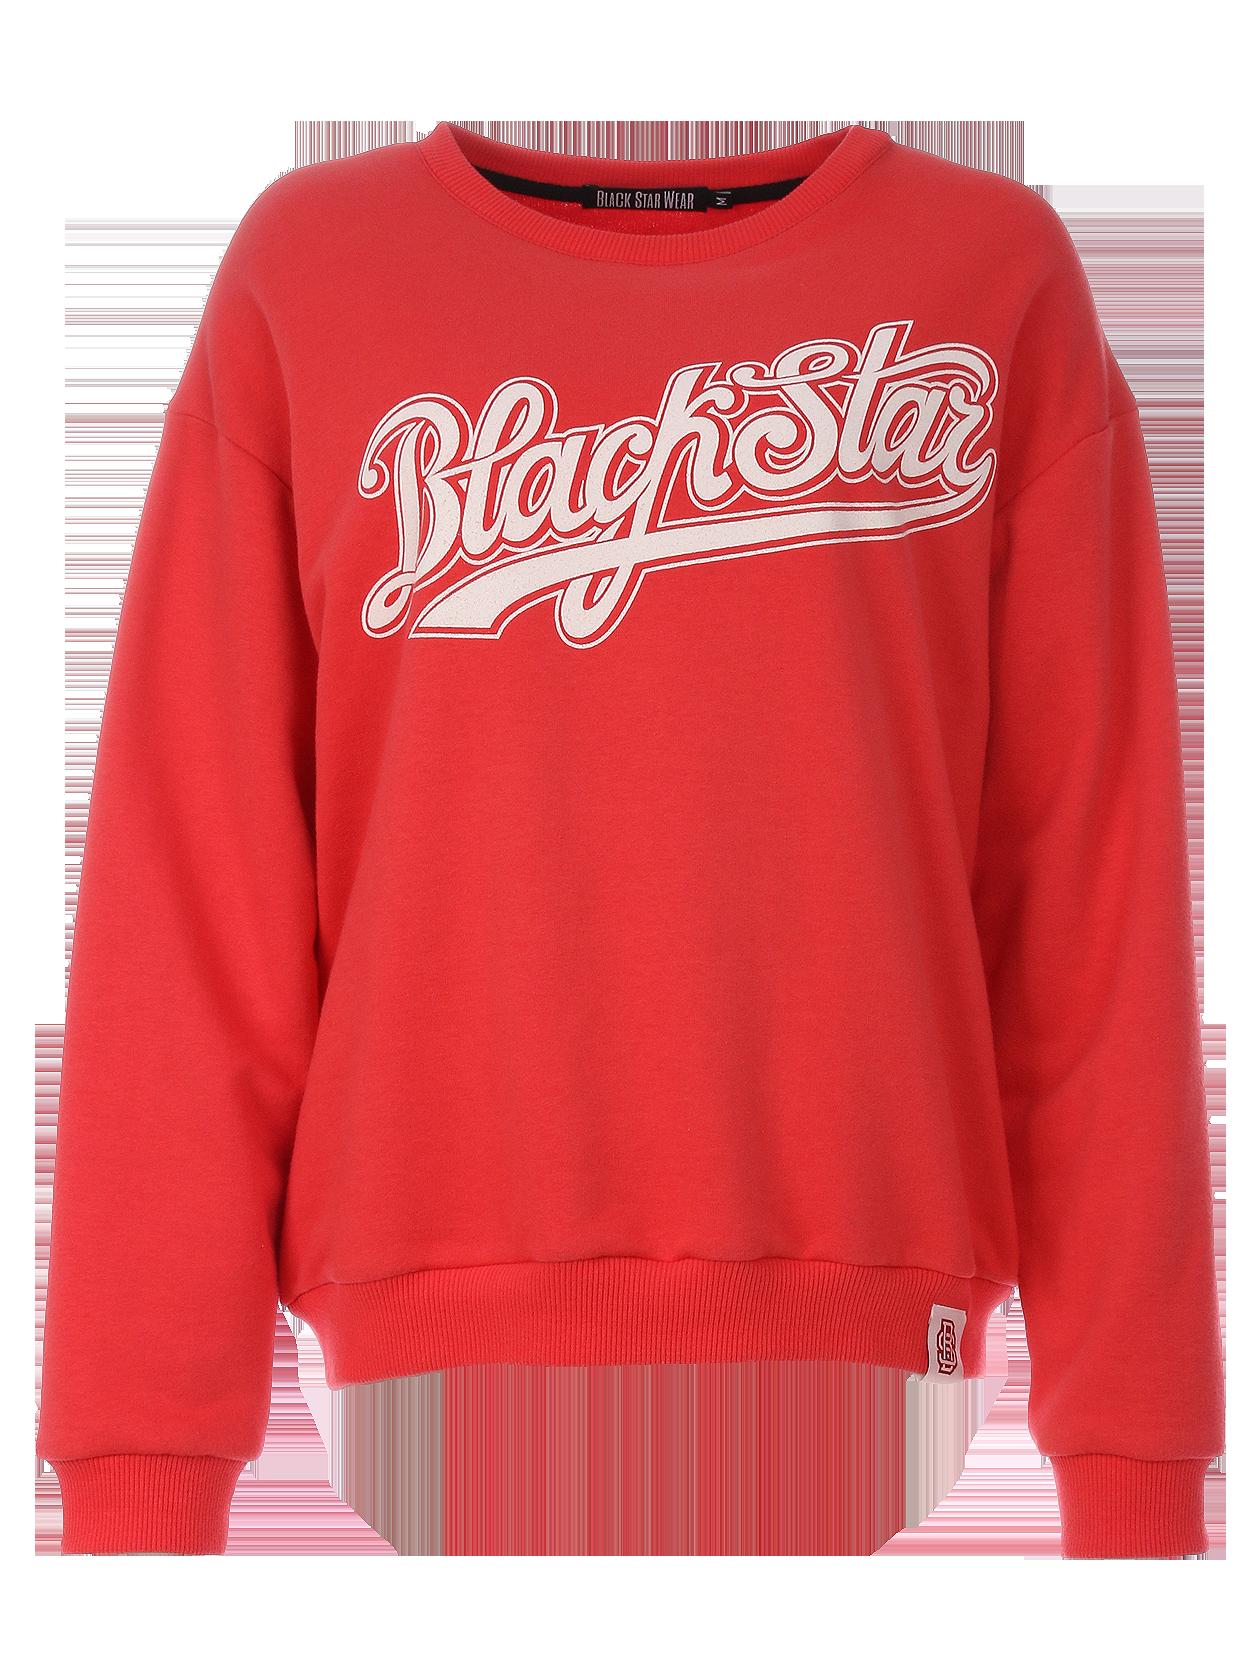 Womens sweatshirt crop